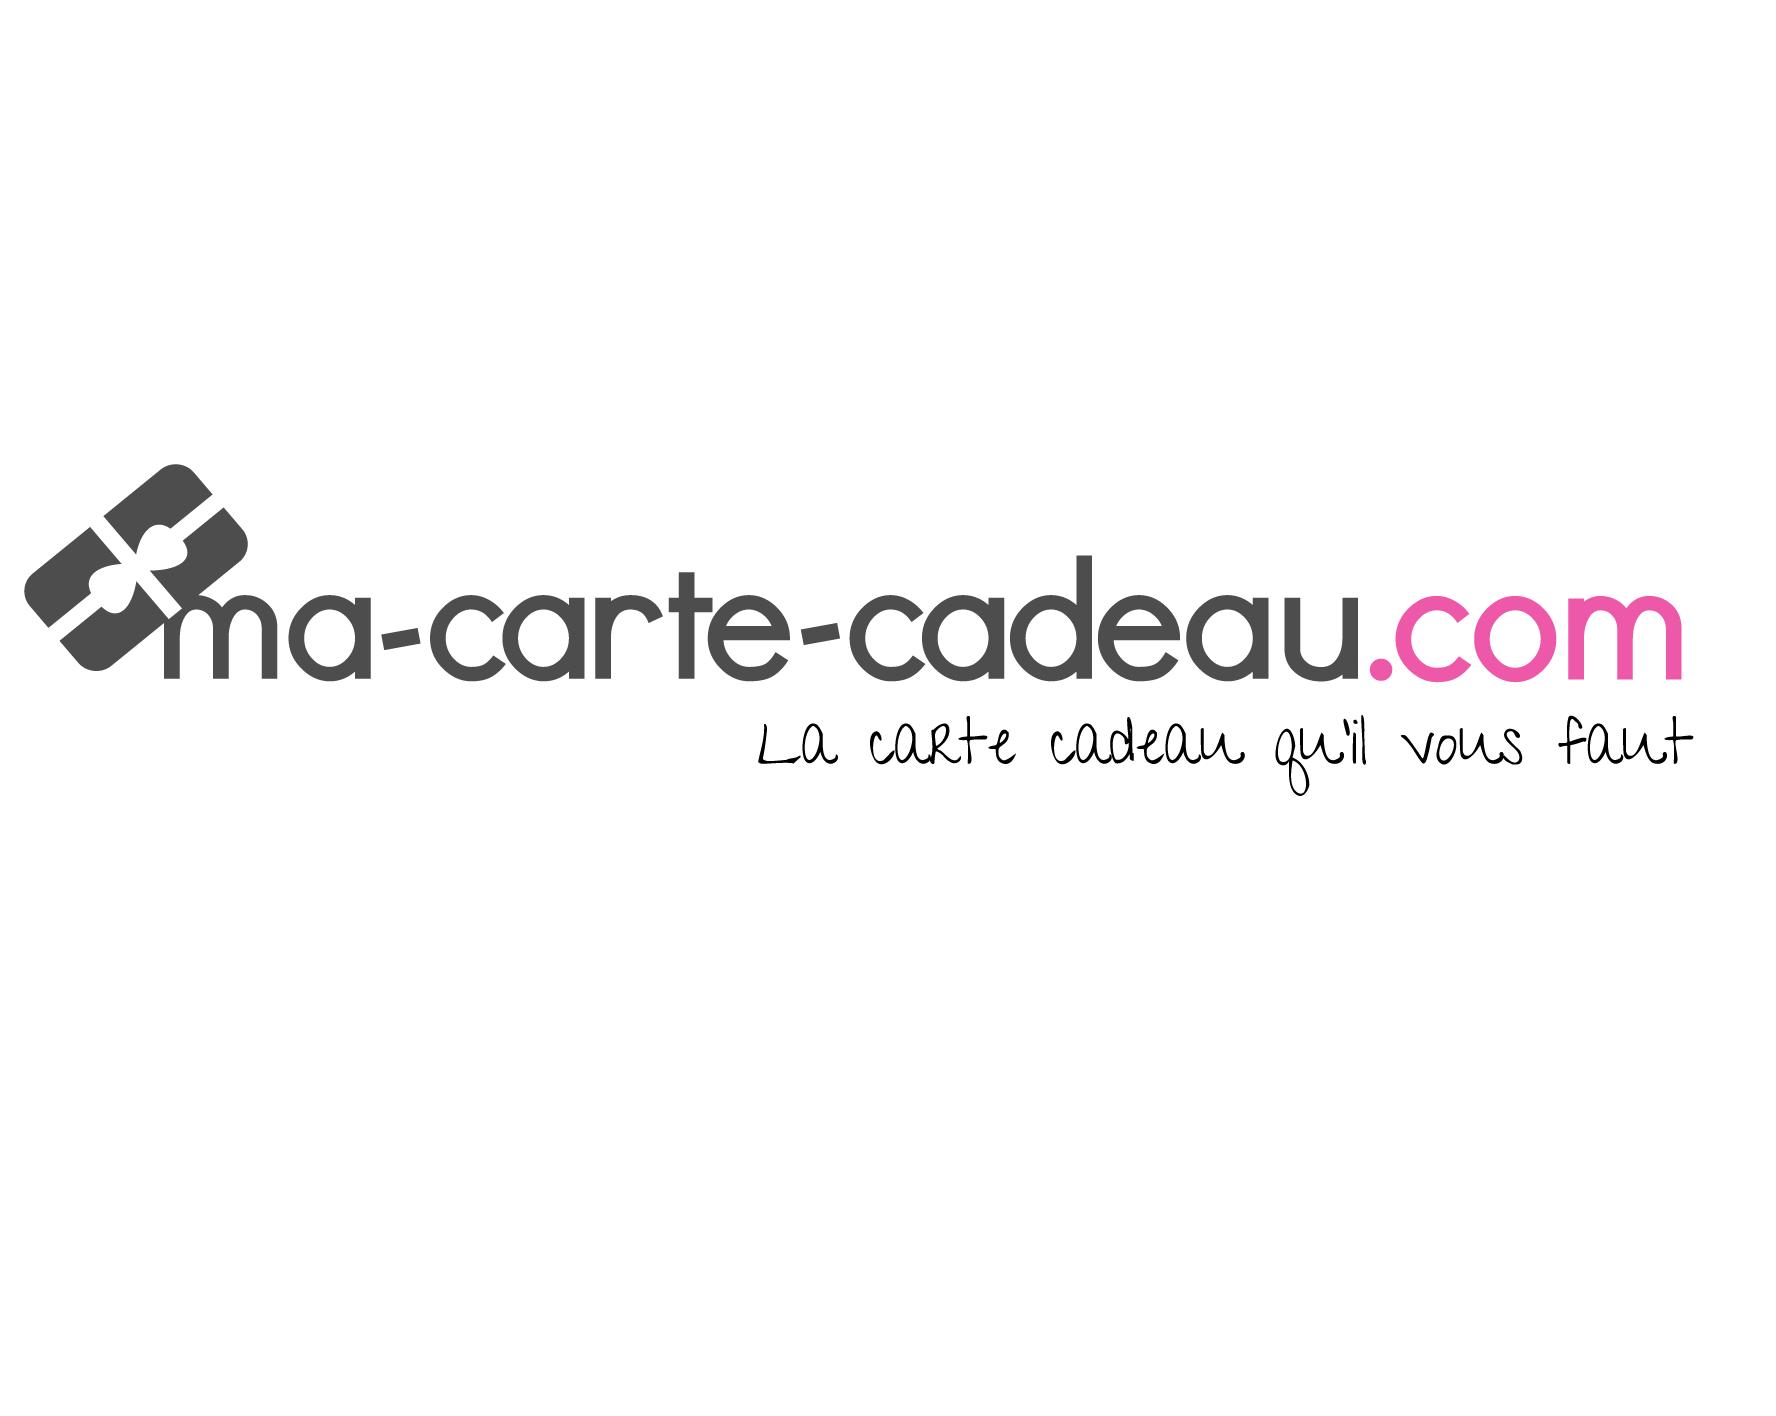 macartecadeau-logo-baseline-HD